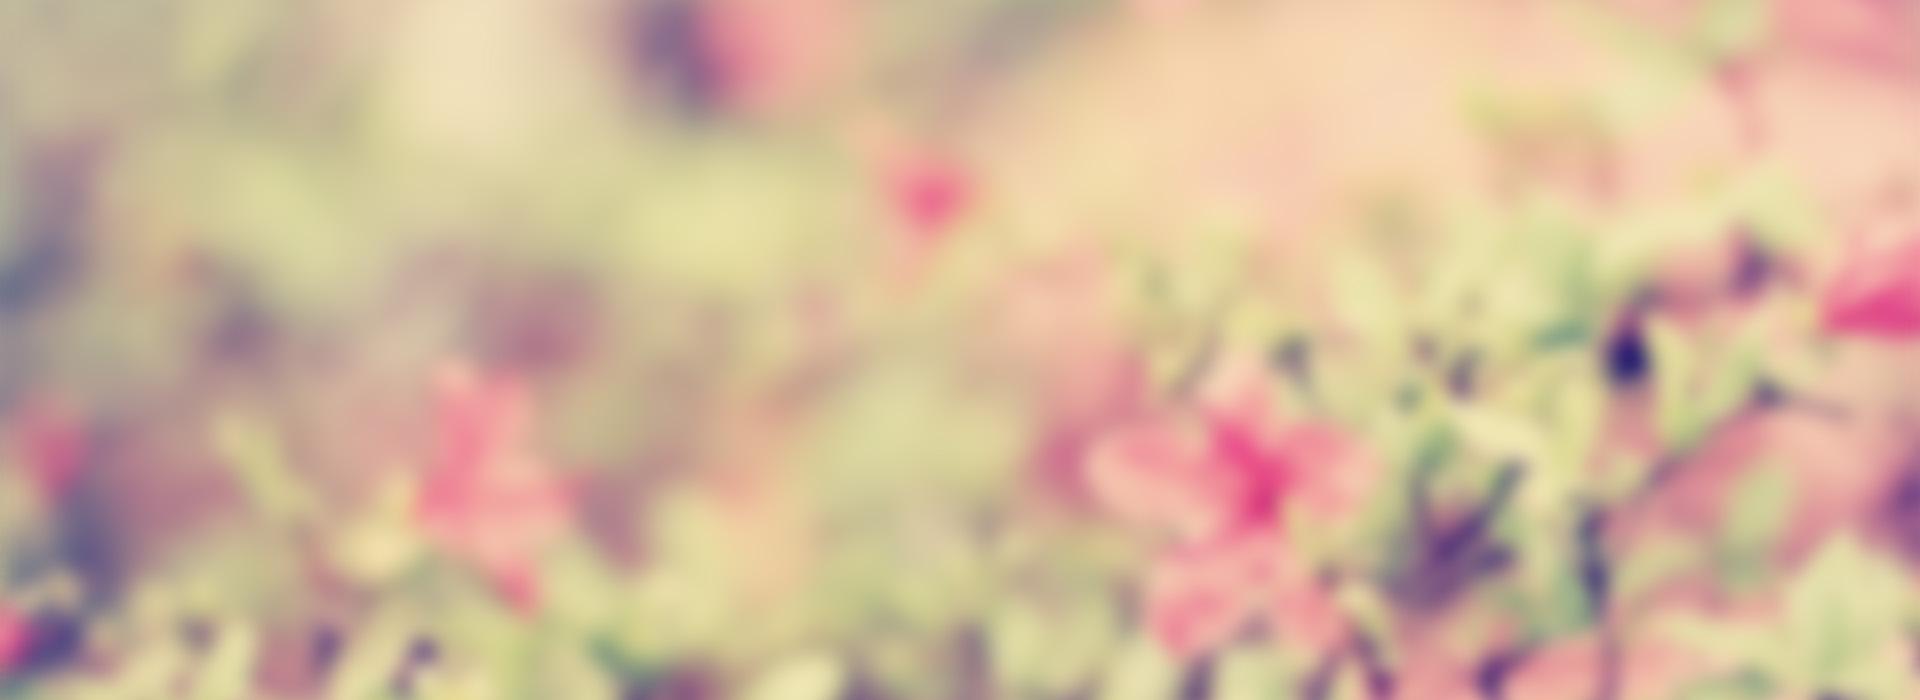 lindas flores de fundo desfocado a est u00e9tica flores flores